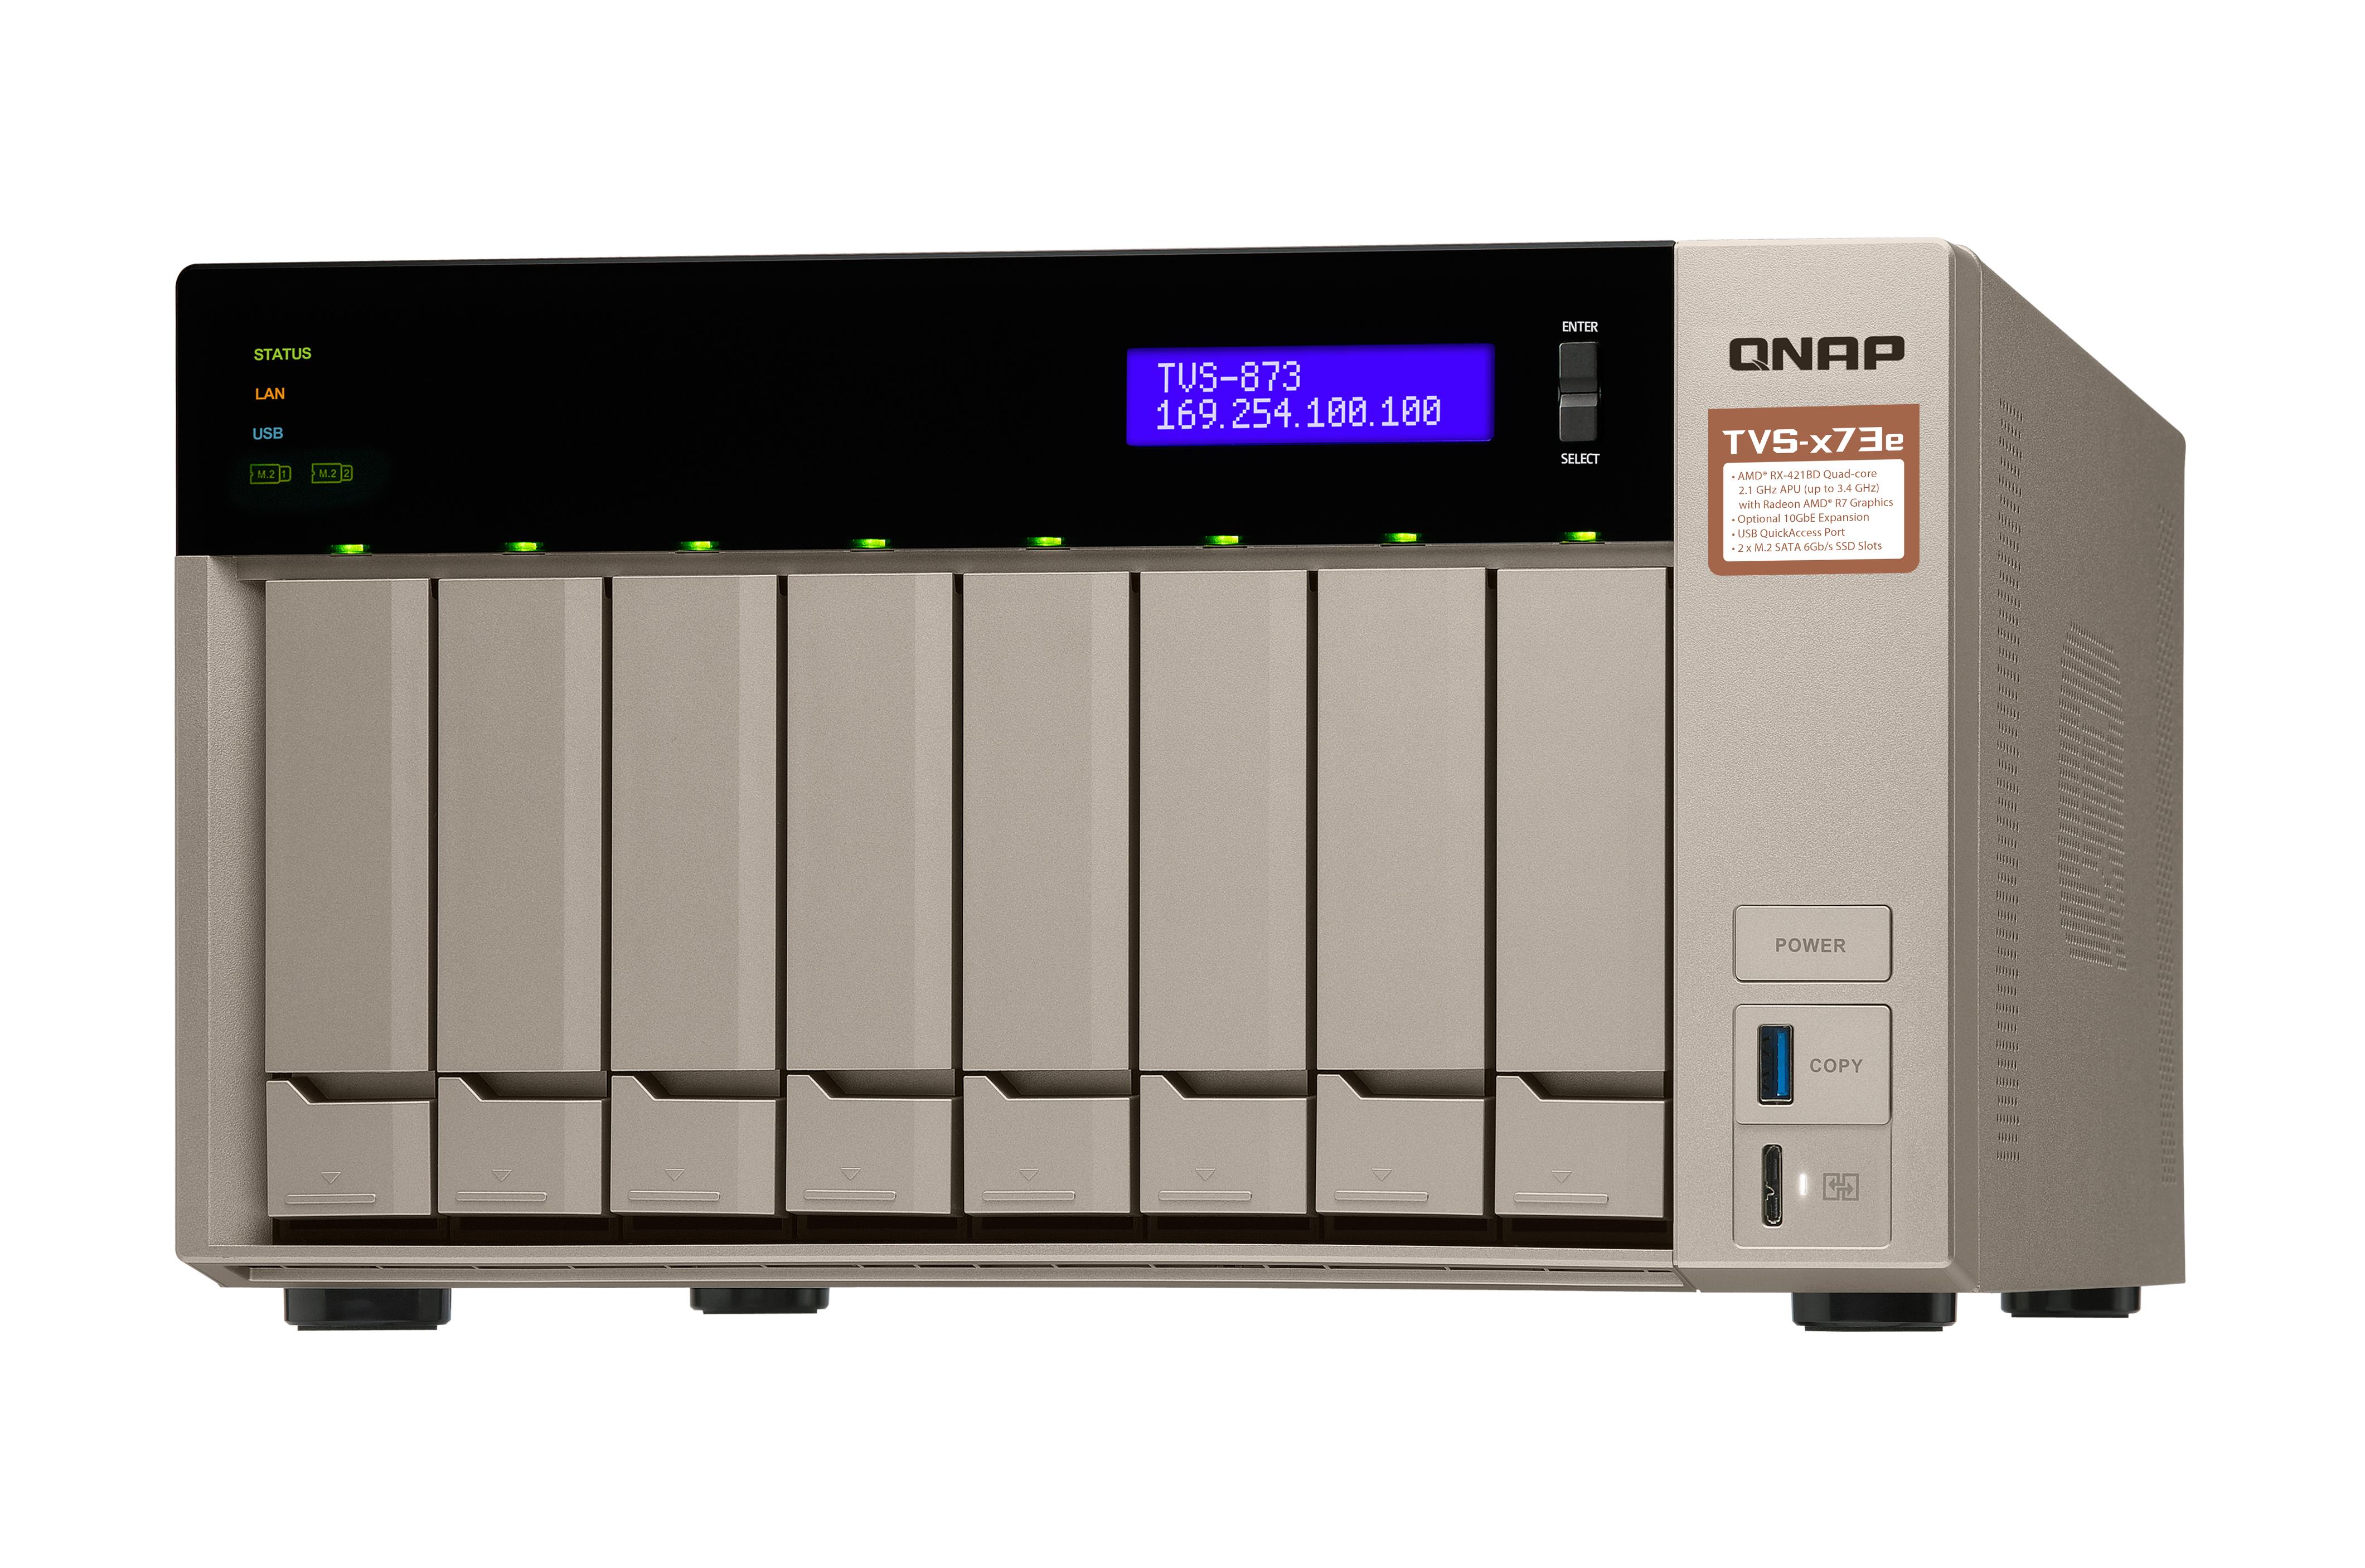 QNAP TVS-873e-8G NAS Torre Collegamento ethernet LAN Grigio